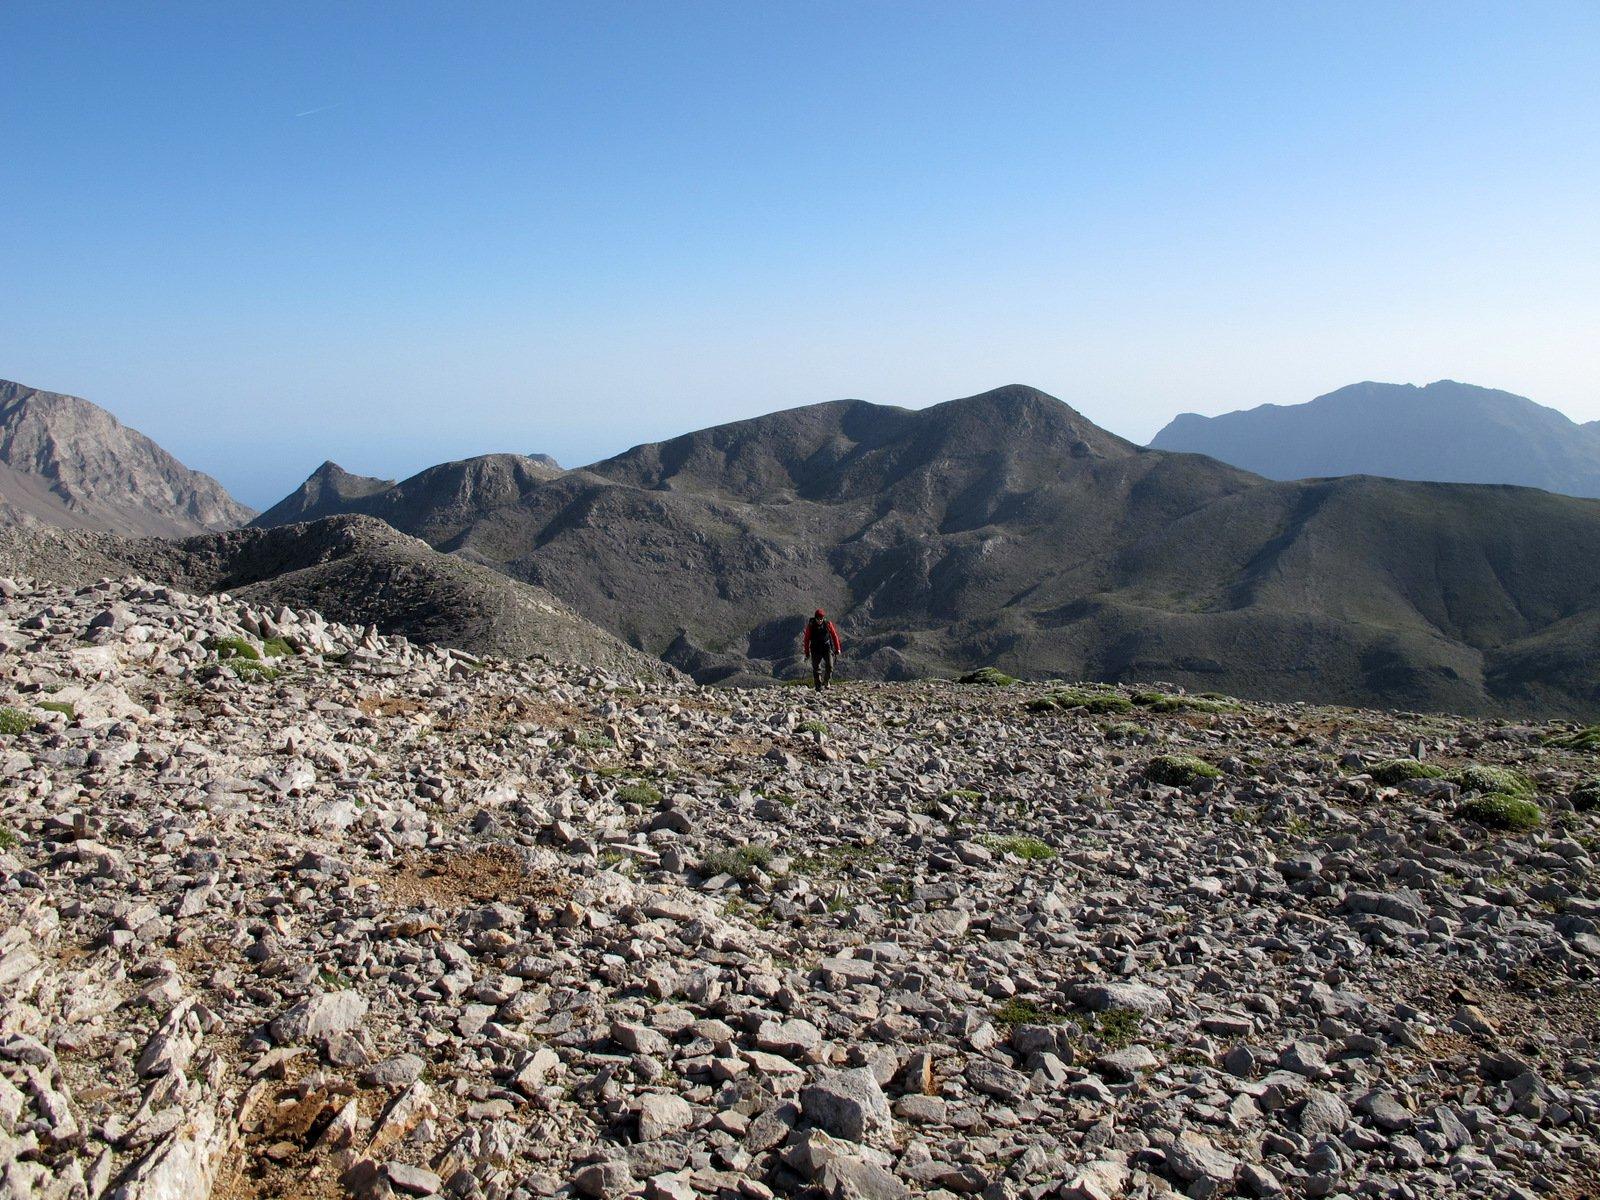 Arrivando sul Piroù Limni con il Petradé sullo sfondo.